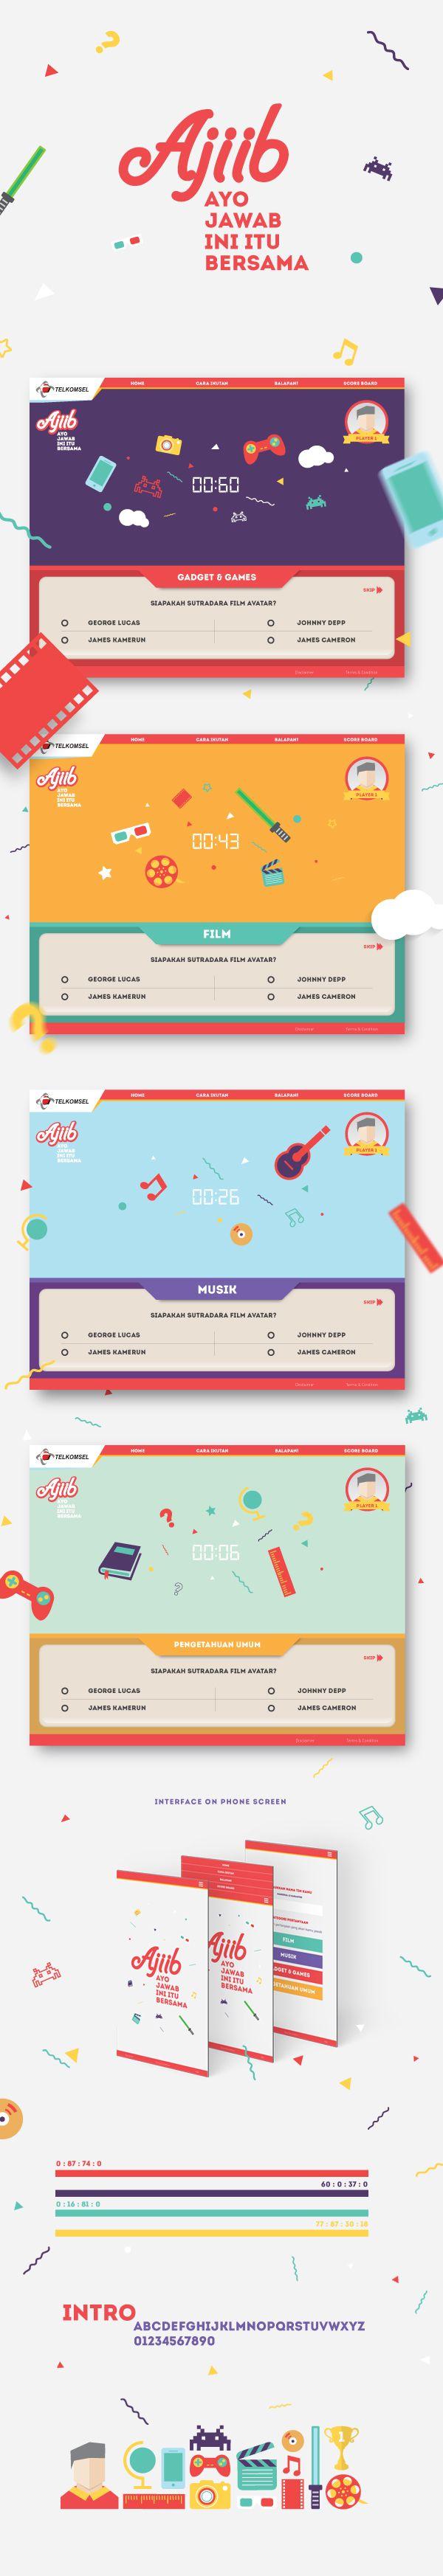 AJIIB - Quiz & Games by Ivan Irwan, via Behance 색감과 일러스트가 아이들에게 어울리는 것같다.